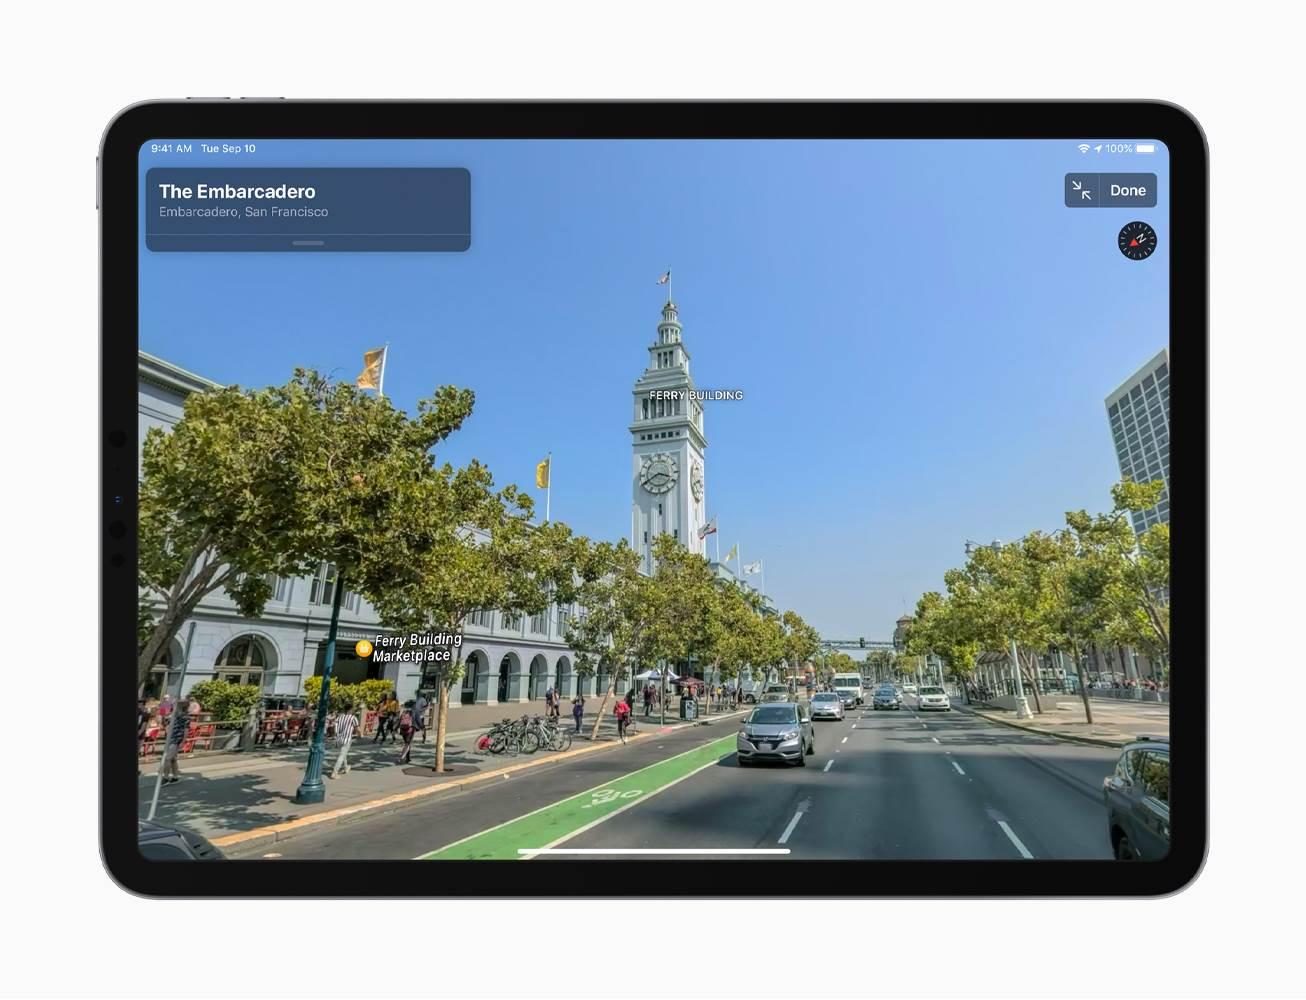 Apple oficjalnie zakończyło proces wdrażania nowych map w Apple Maps. Zmiany pojawiły jednak tylko w Stanach Zjednoczonych, Europa jest następna polecane, ciekawostki apple maps, Apple  Po bardzo trudnym starcie i długim okresie udoskonalania, Apple w końcu zakończyło długi proces wdrażania nowych map w swojej aplikacji na iOS i macOS. Apple Maps Update Look Around 01302020 inline.jpg.large 2x